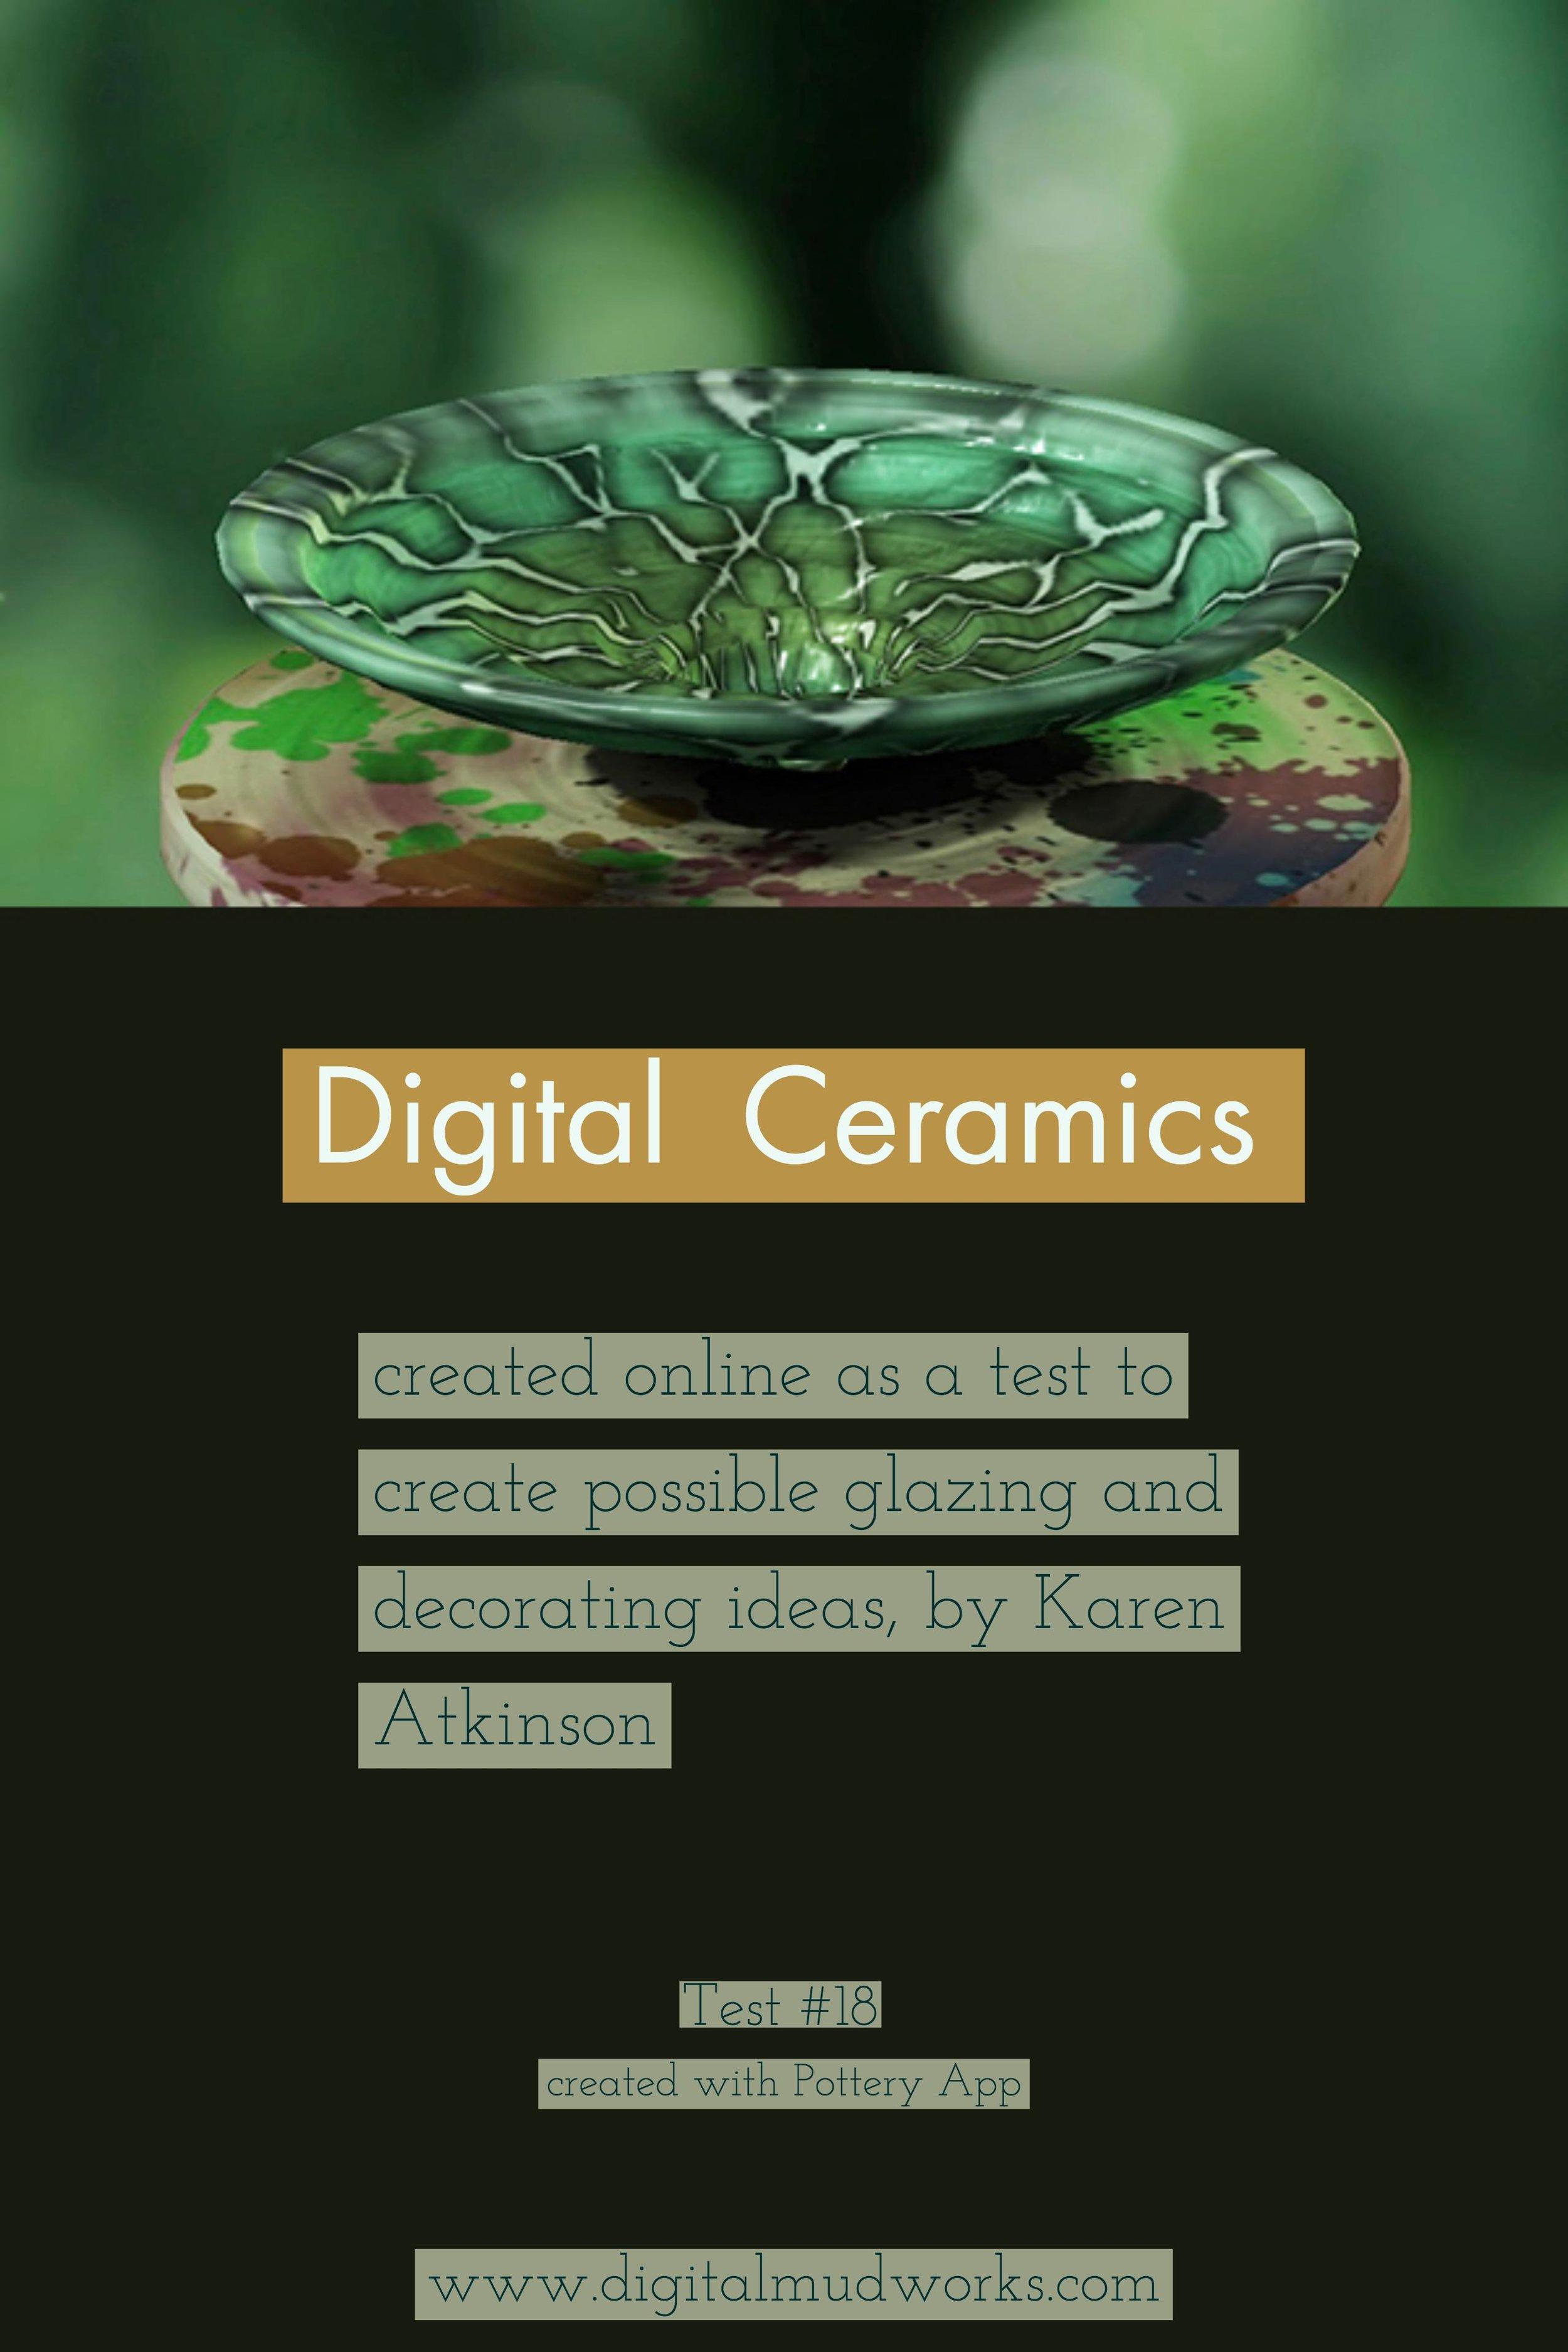 Digital Ceramics Test 018, using a computer app to do glaze and design tests. by Karen Atkinson